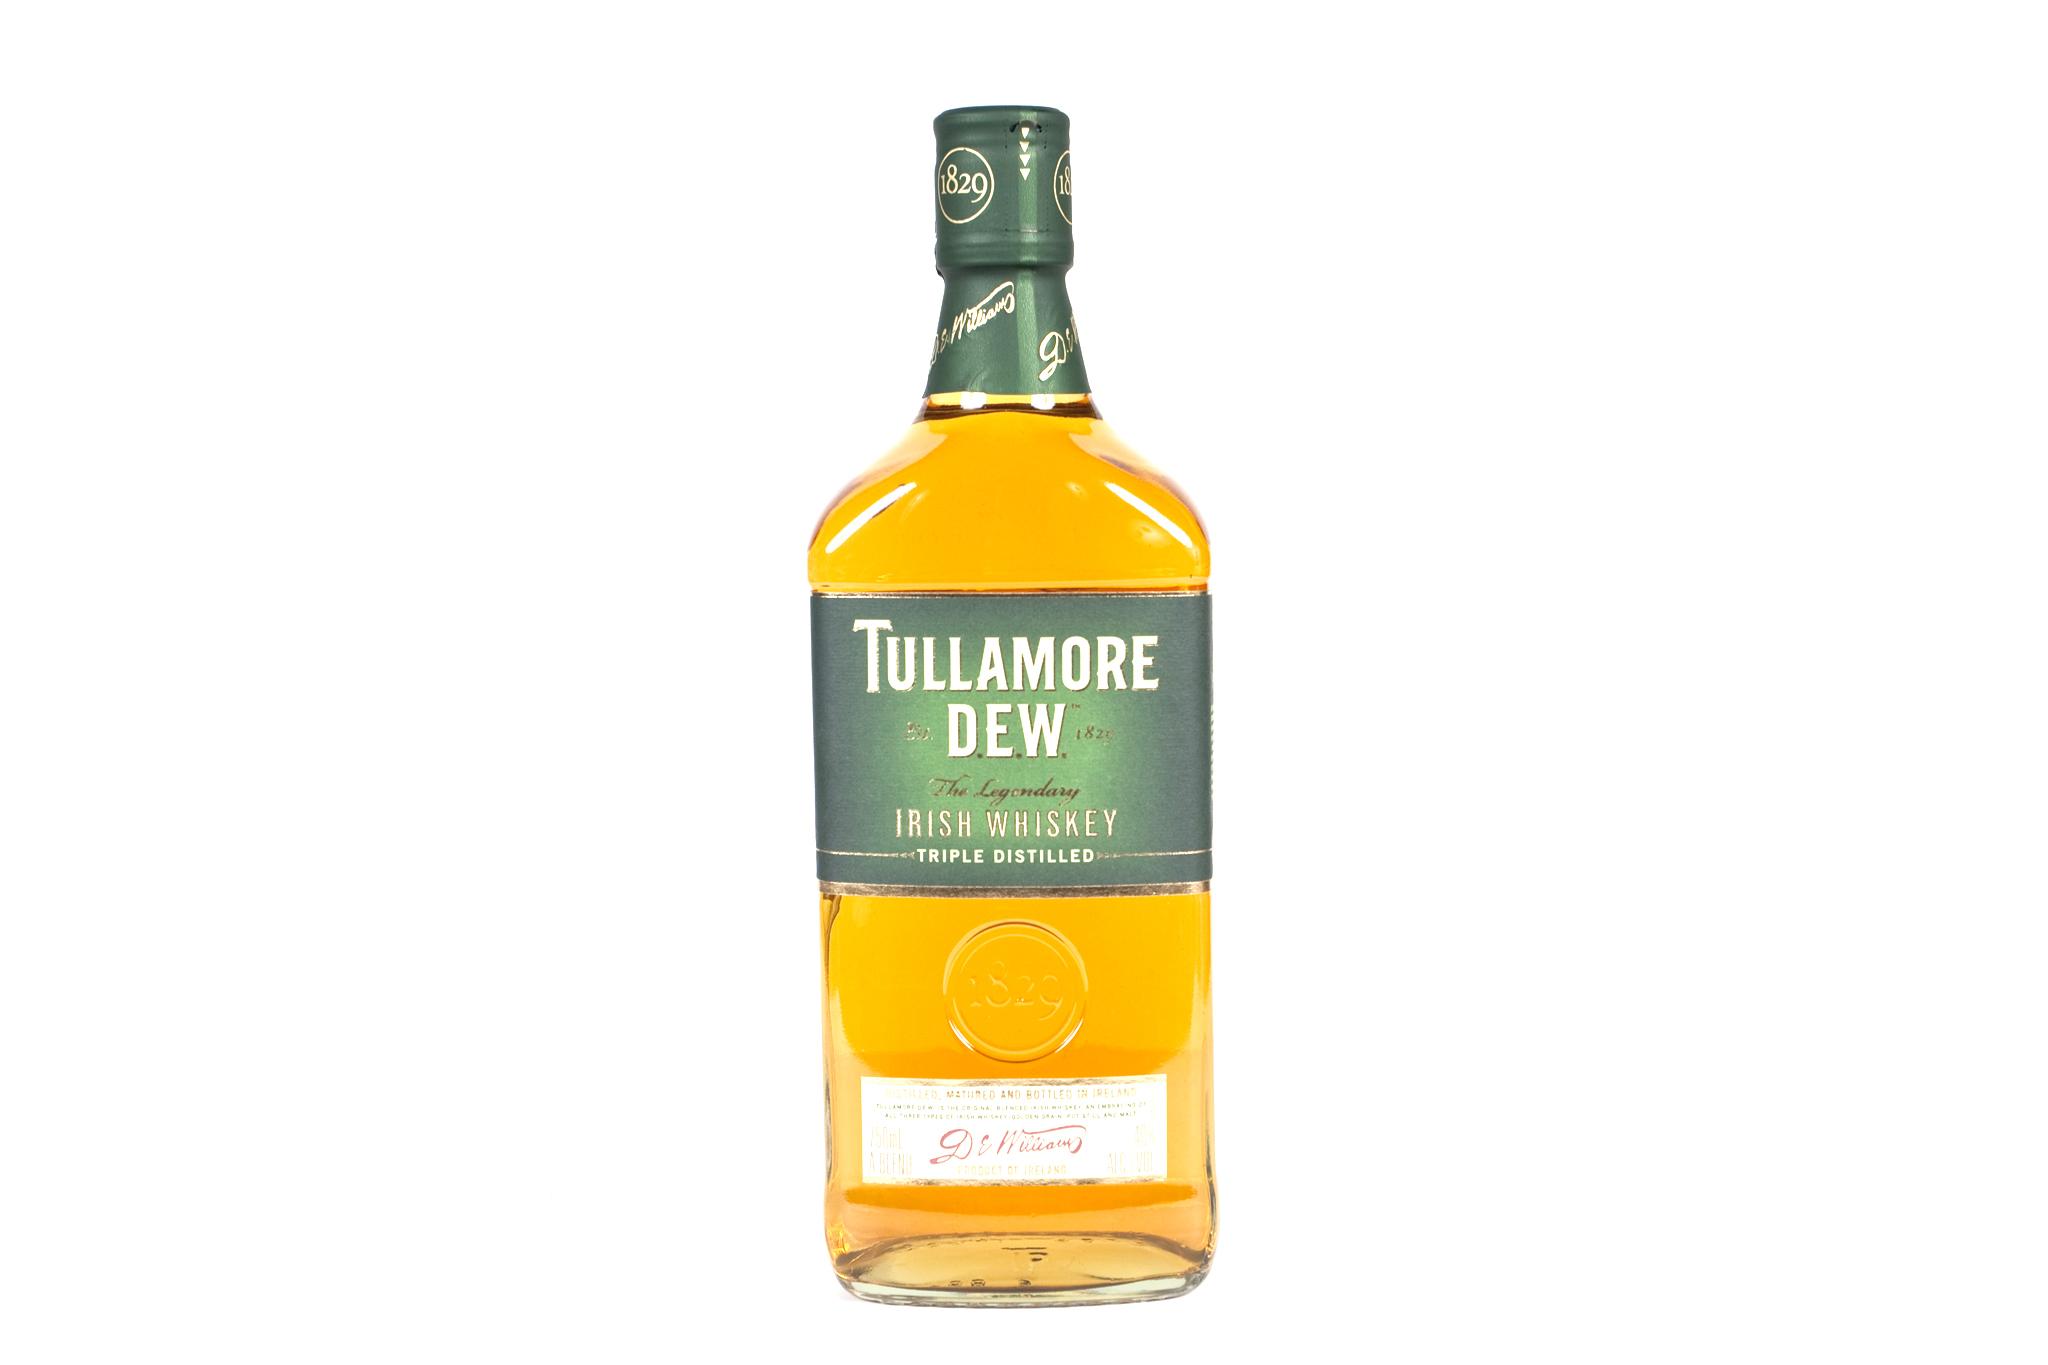 Ten best Irish whiskey bottles: Top picks for St. Patrick's Day (2013)